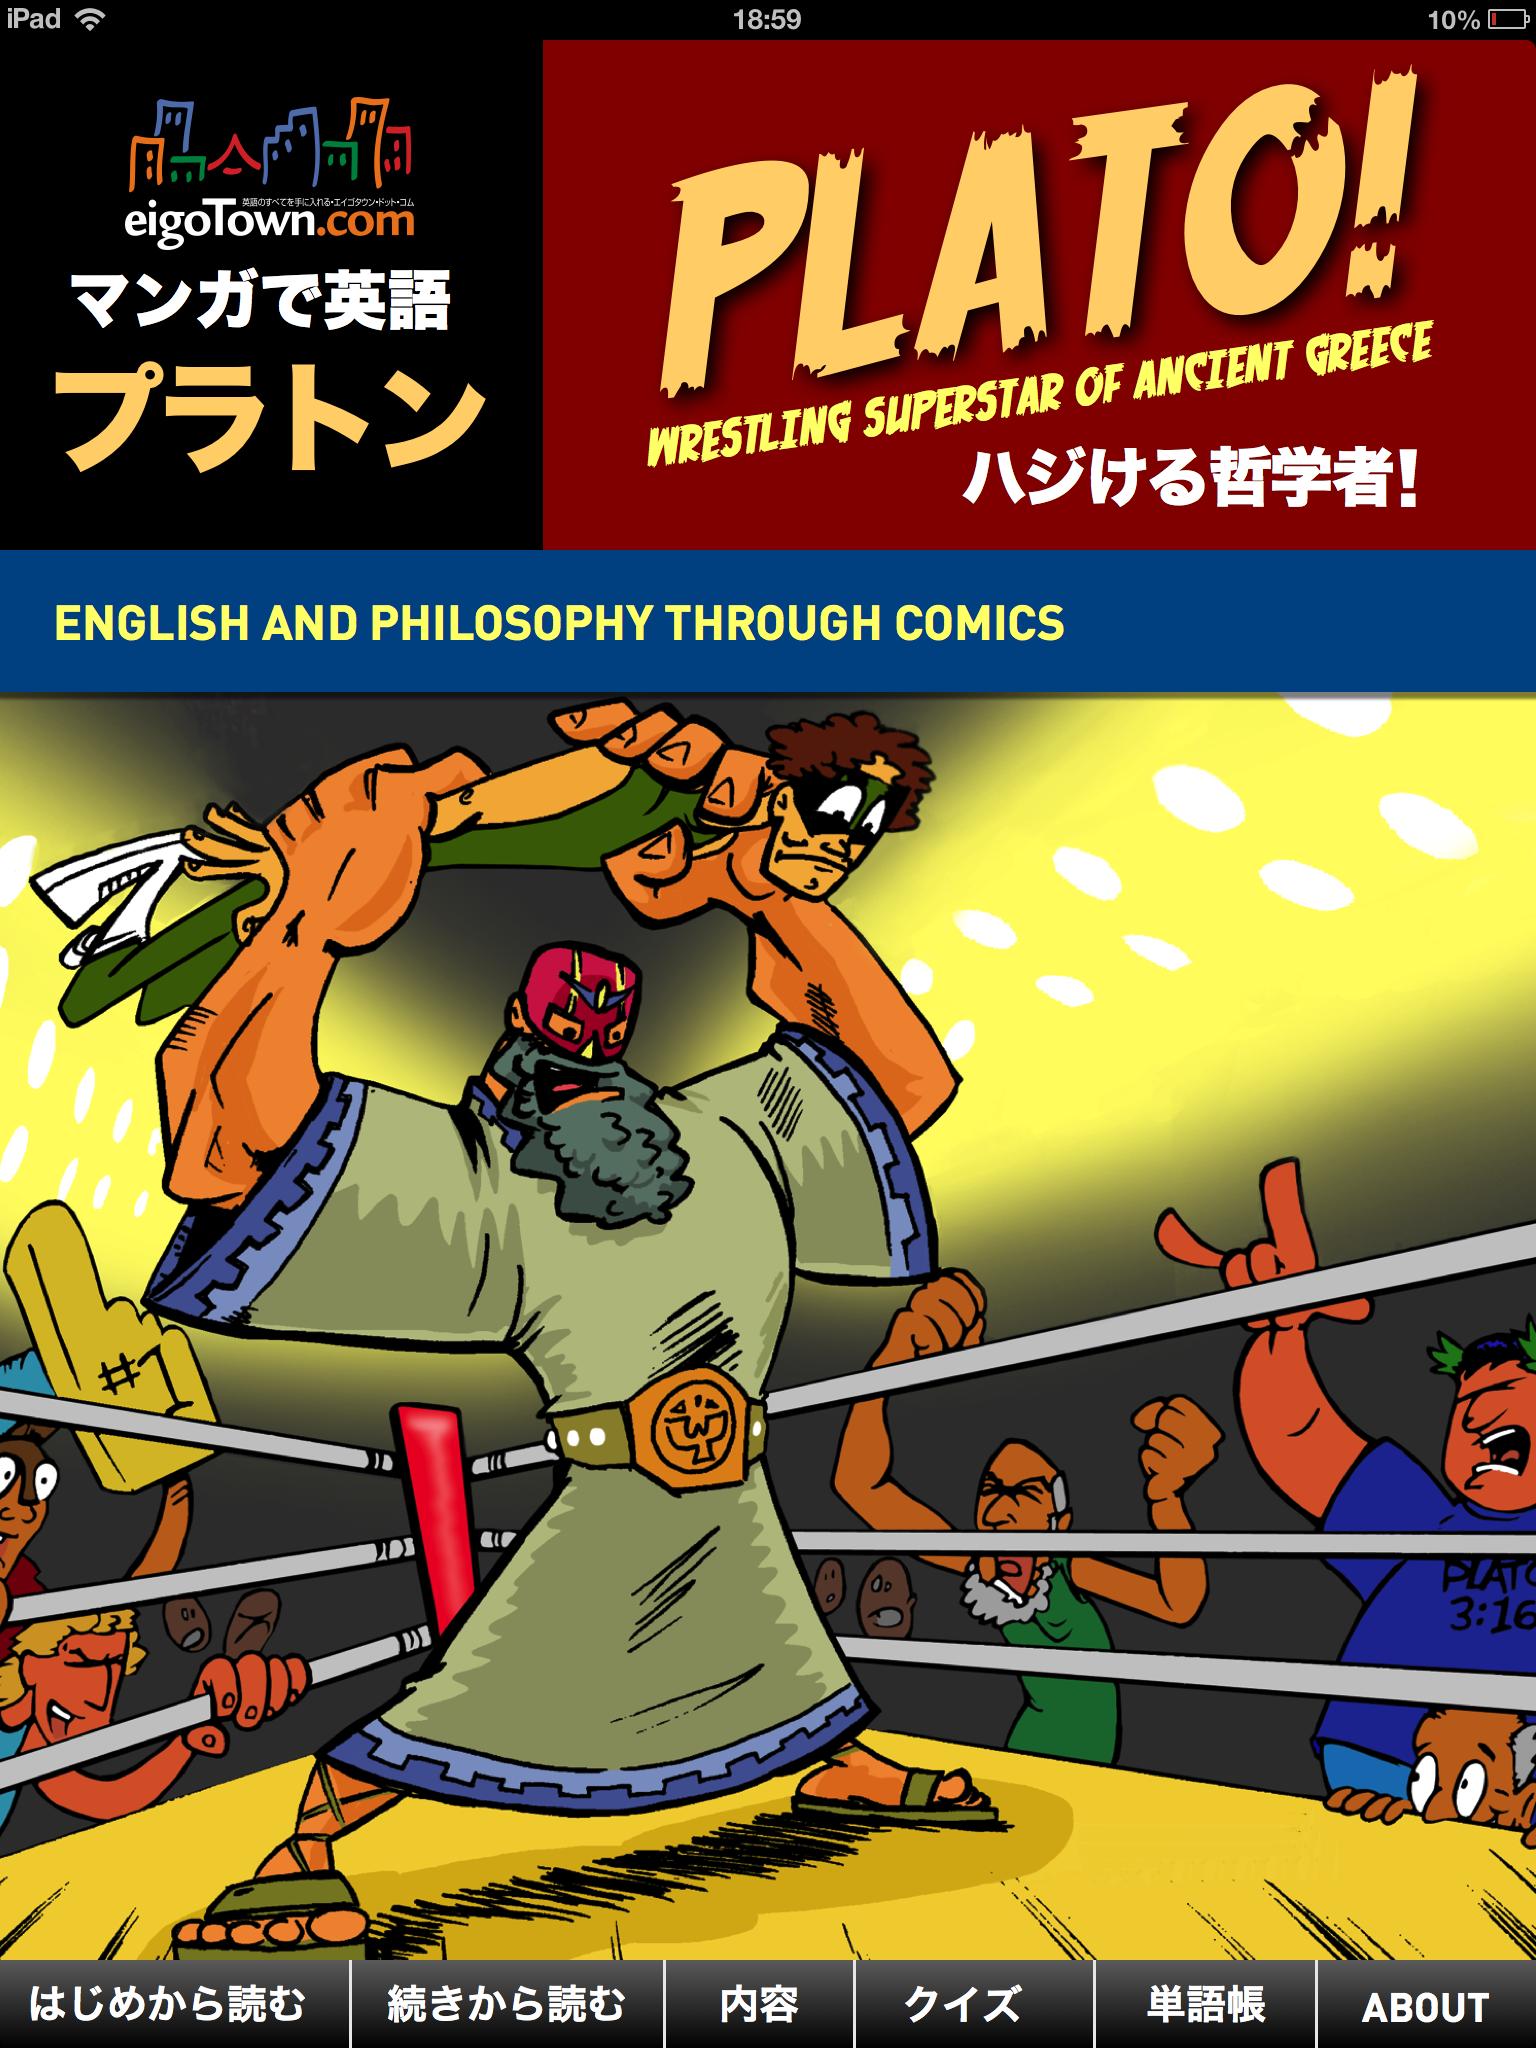 アメリカン・コミックで英語を学ぶアプリ 「マンガで英語:プラトン | ハジける哲学者!」 発売開始